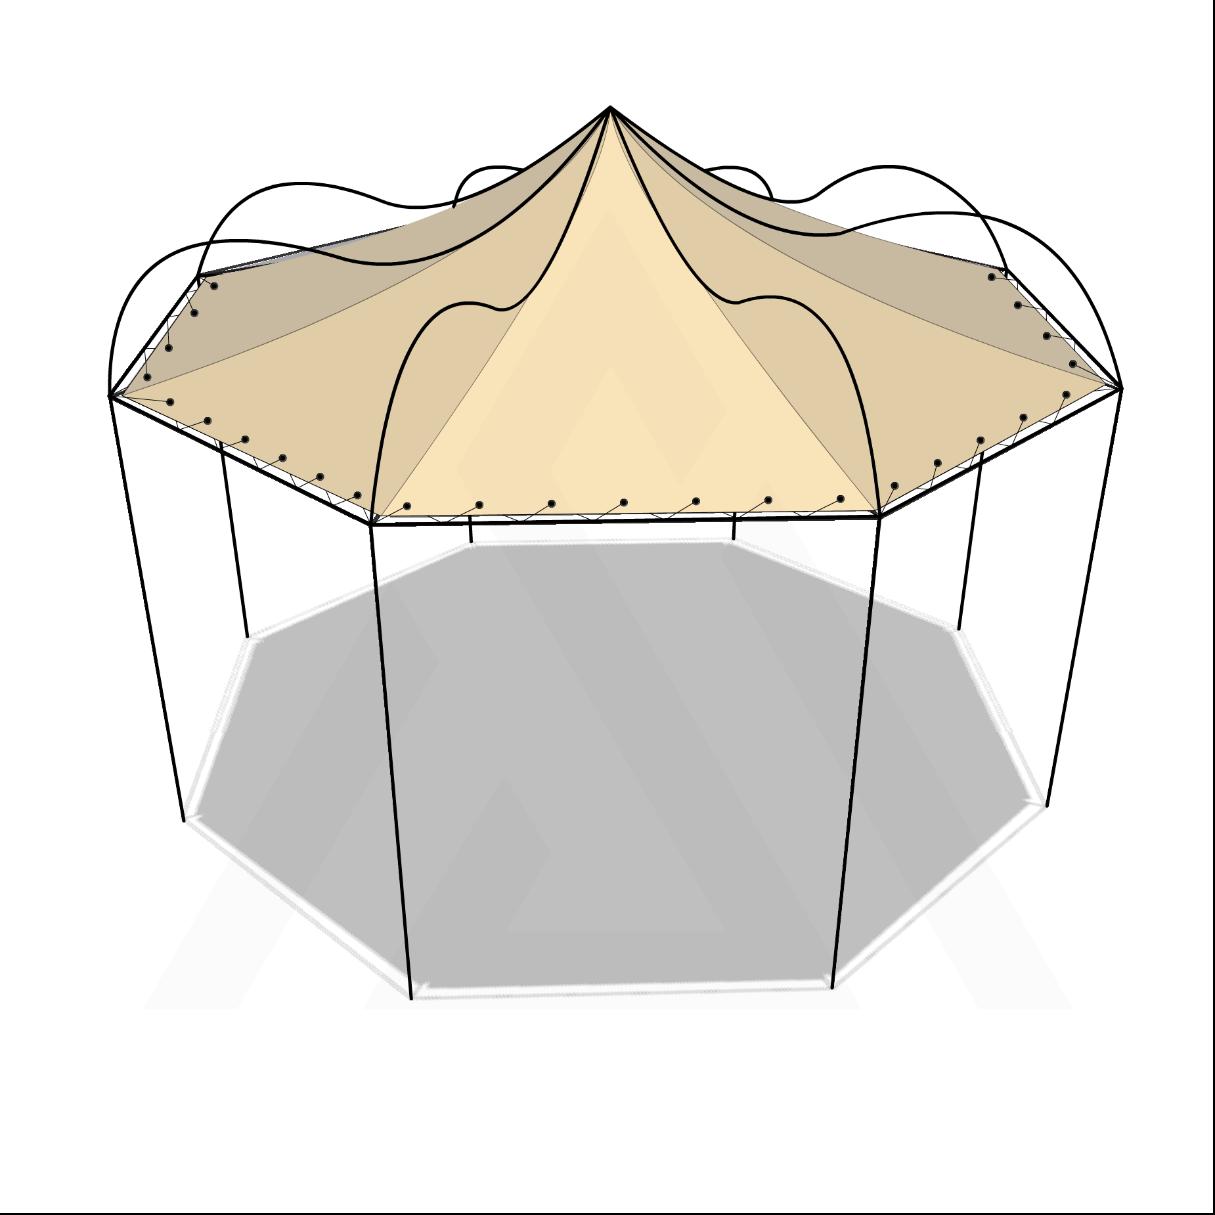 Bâche tonnelle octogonale suspendue